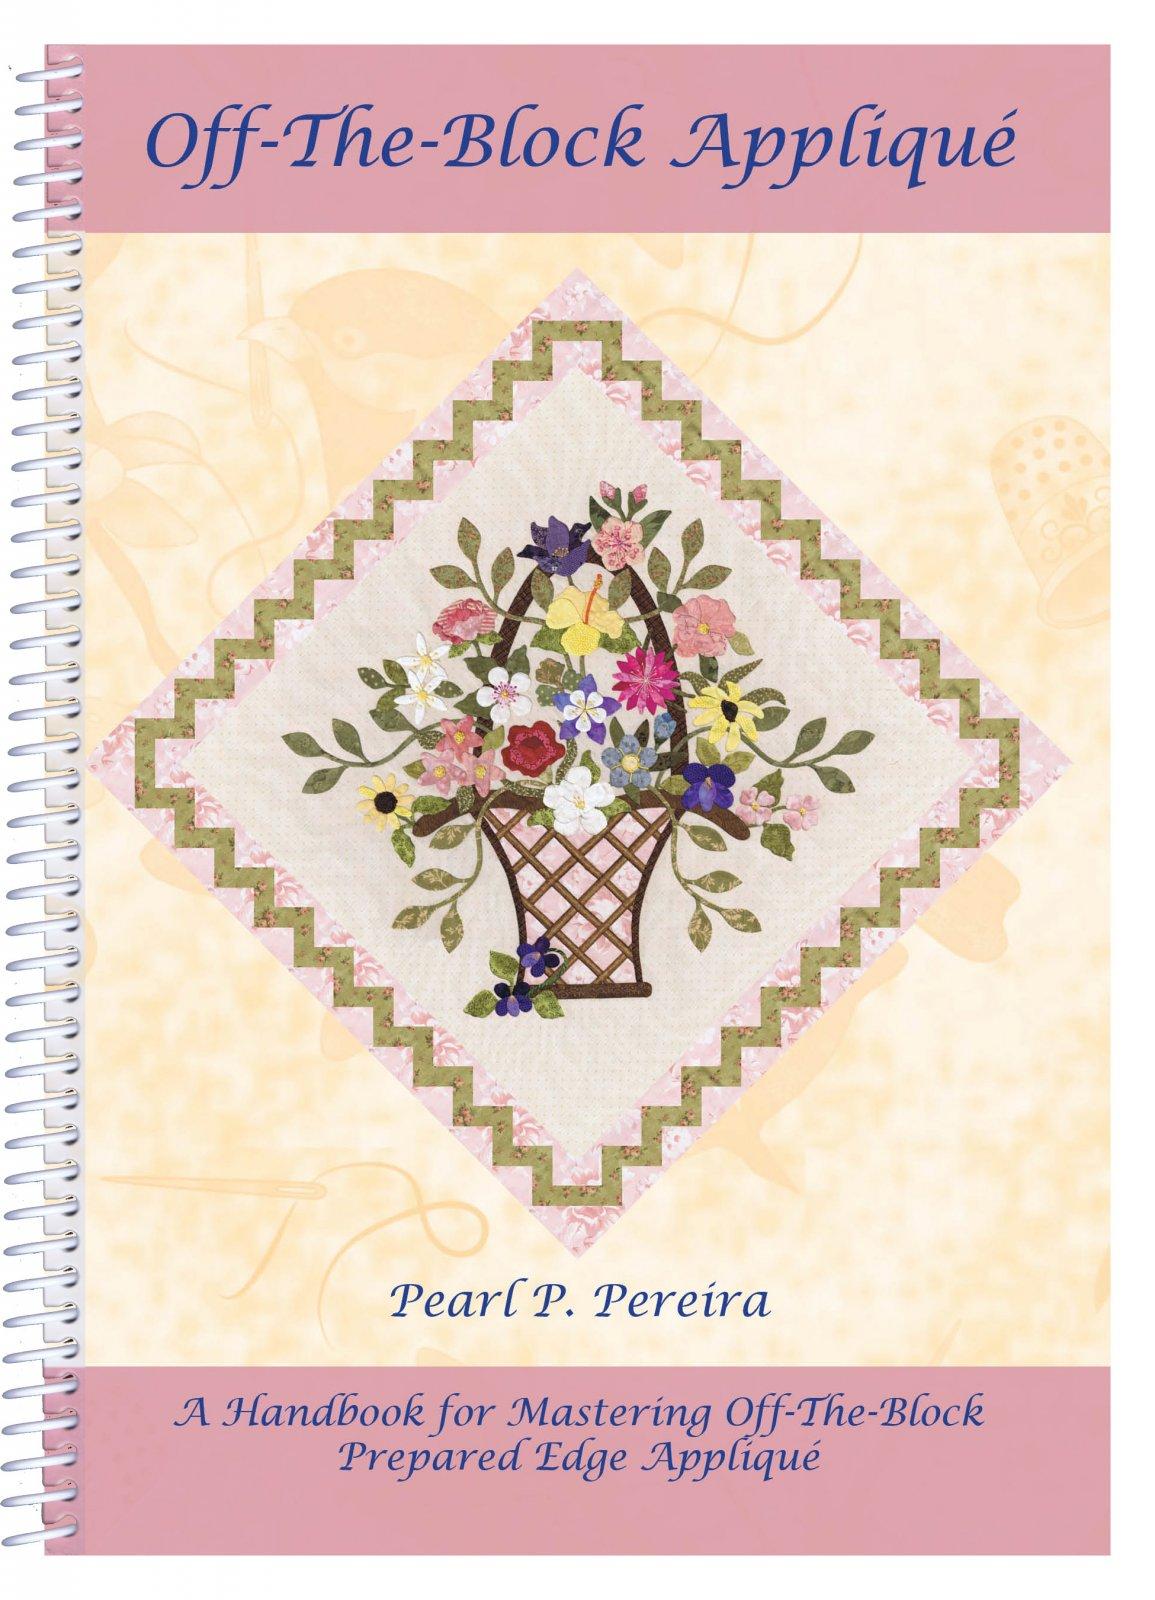 P3-172 Off-The-Block Applique Book